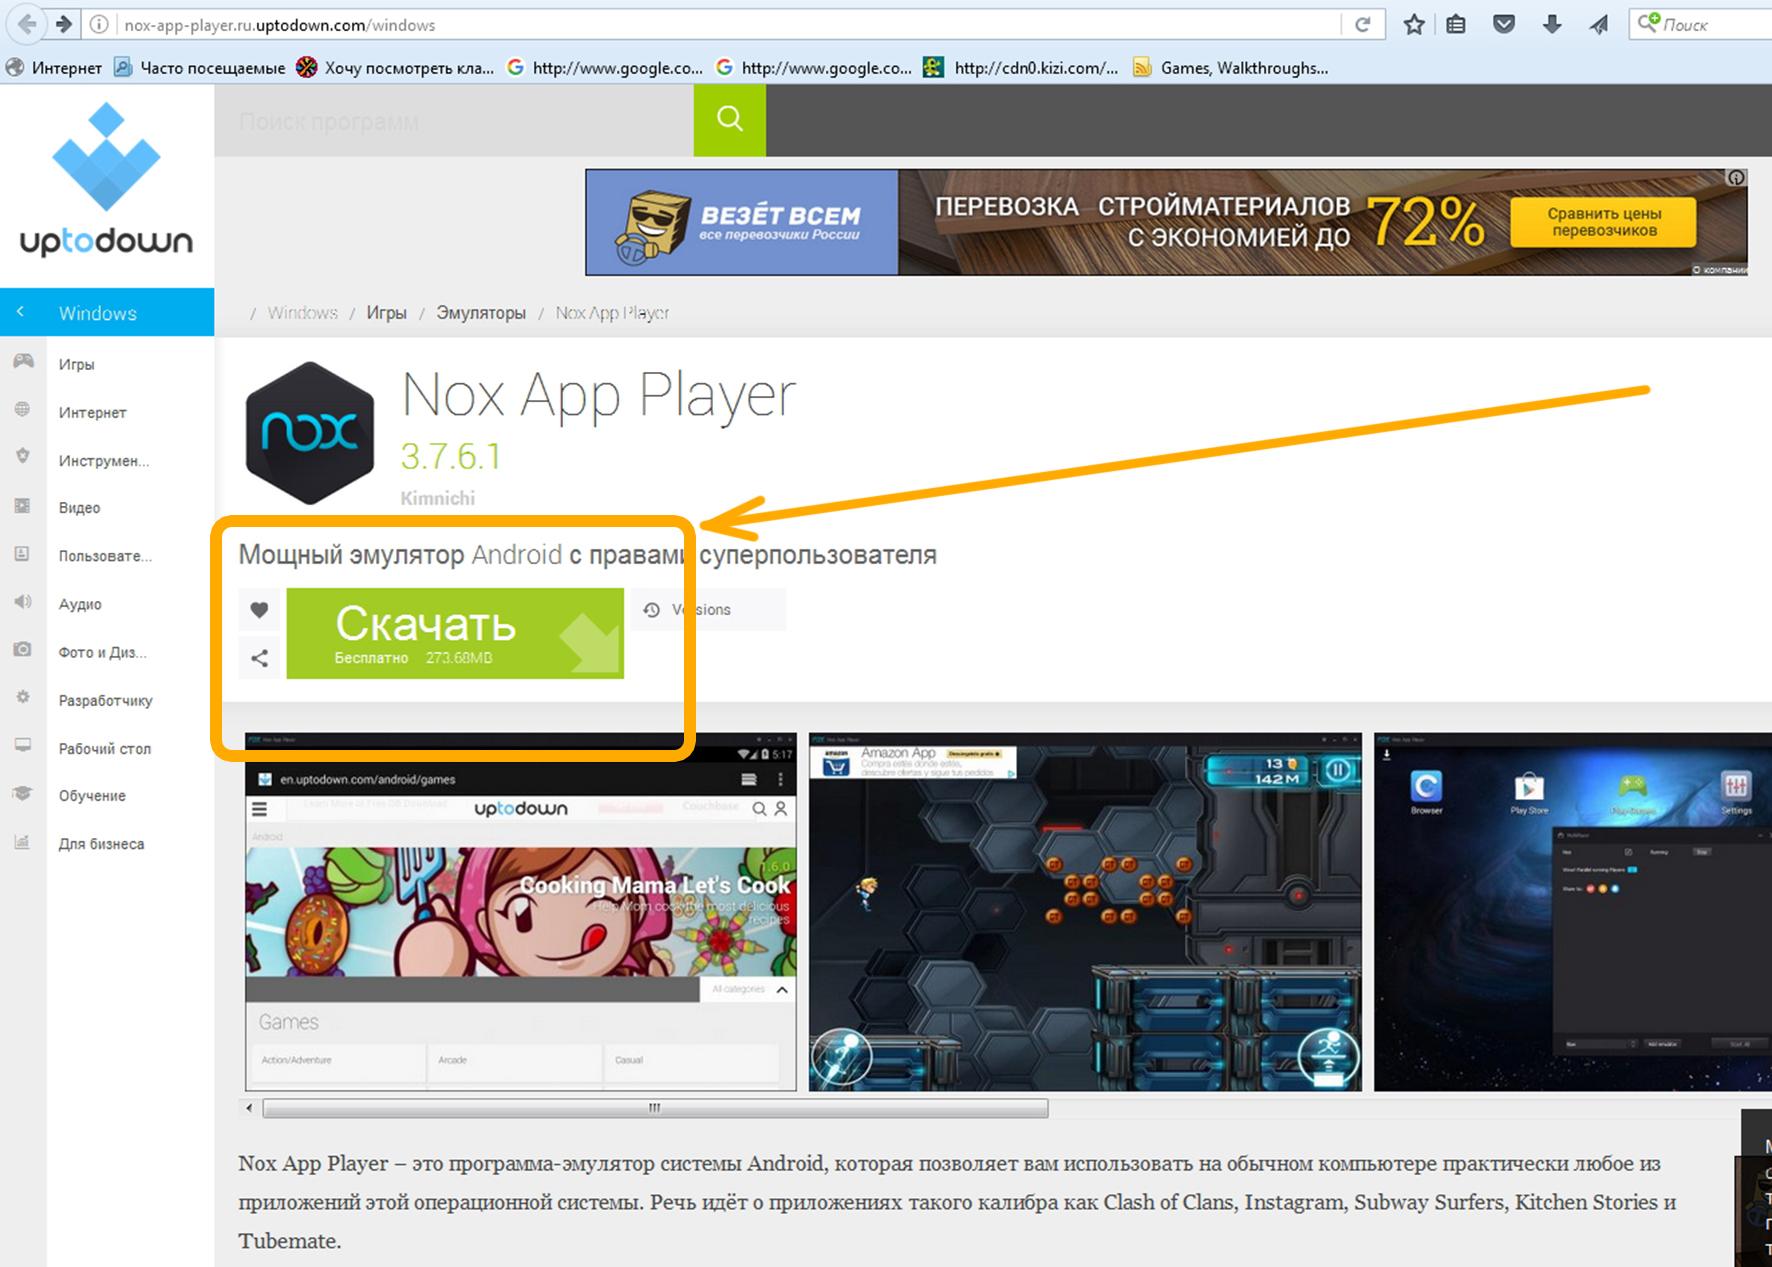 Пояснение для пользователя и визуальная демонстрация официального сайта, для скачивания и установки емулятора Нокс.